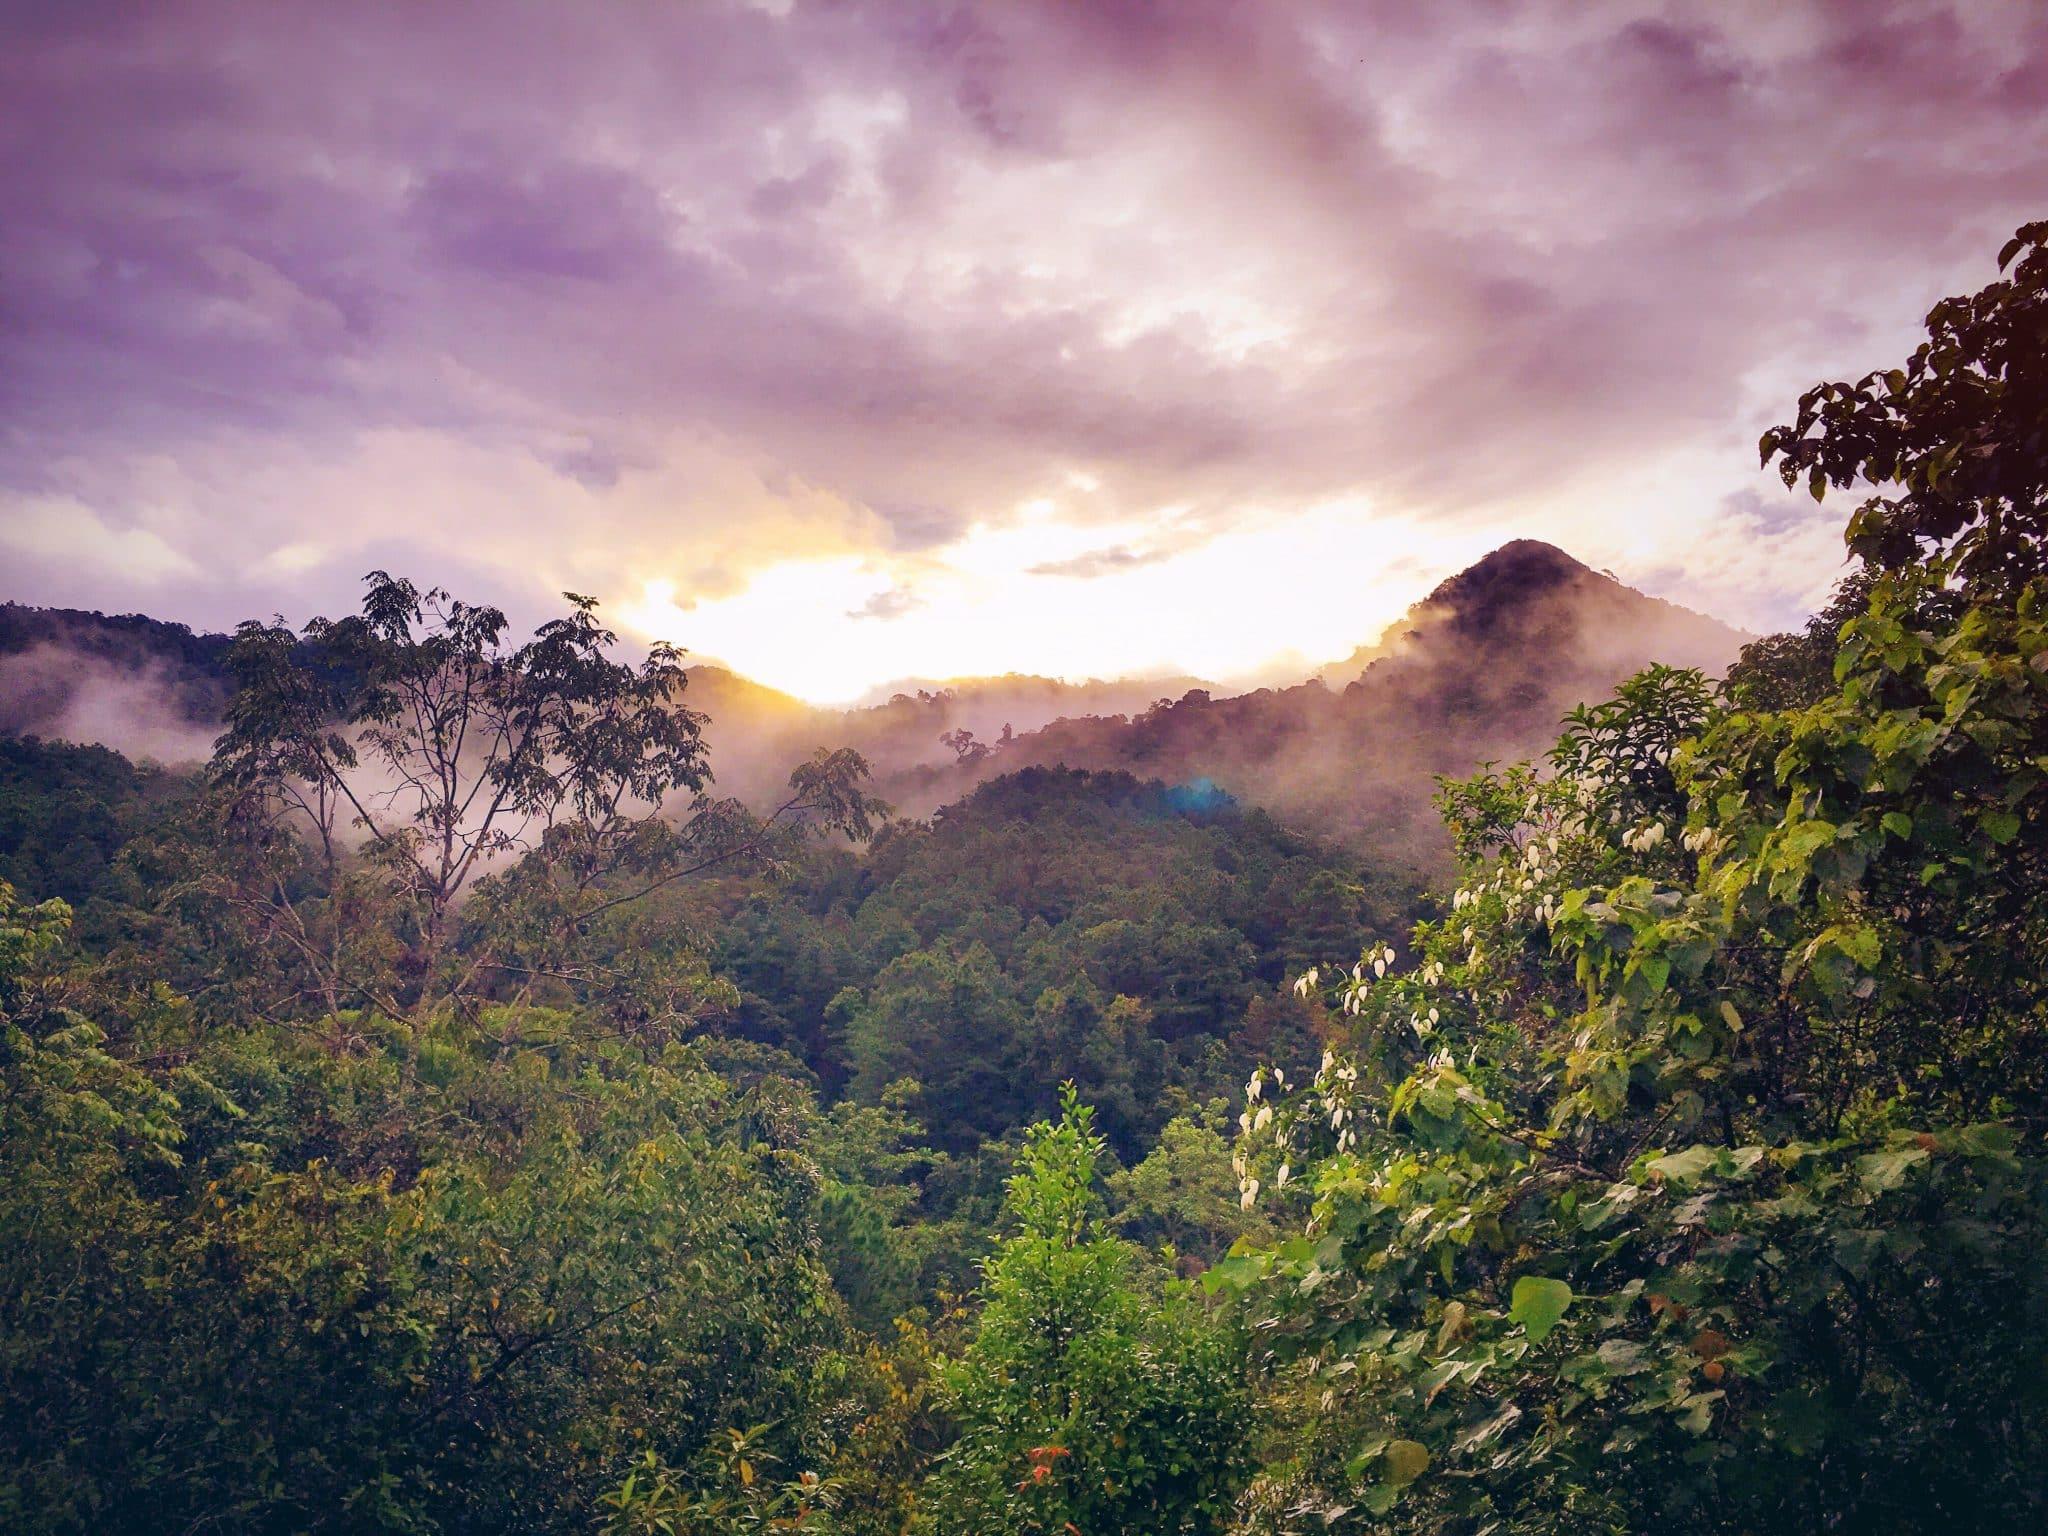 Rainforest morning